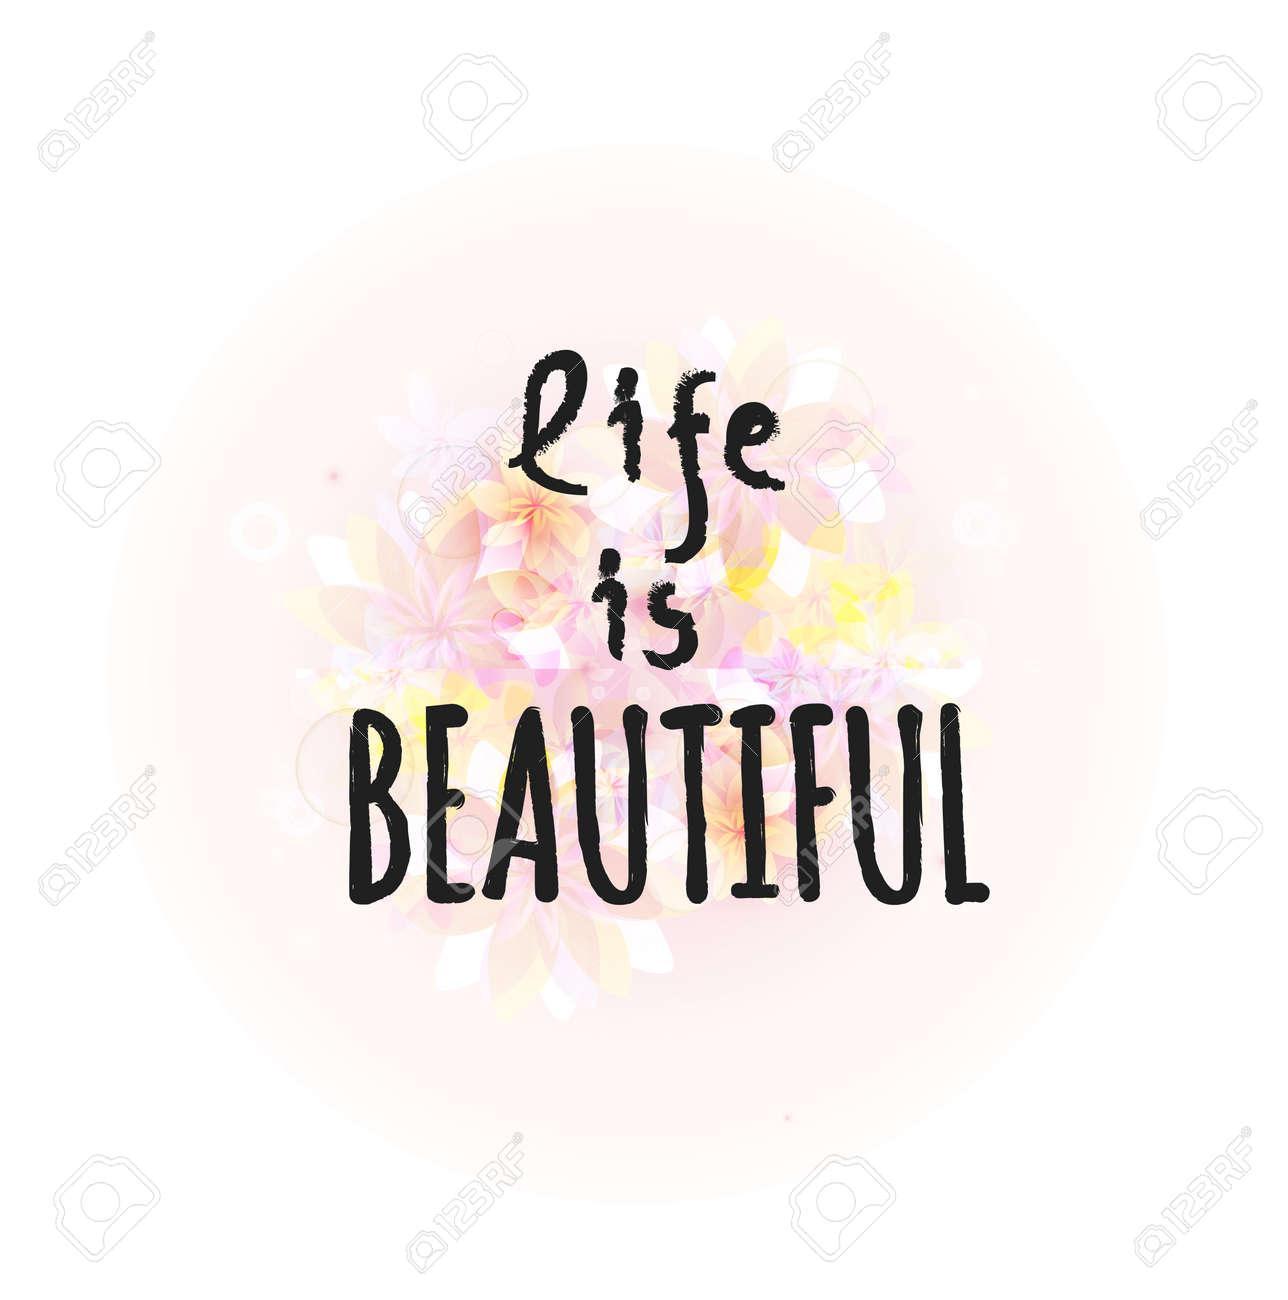 La Vida Es Bella Frase De La Caligrafía Con El Fondo Floral